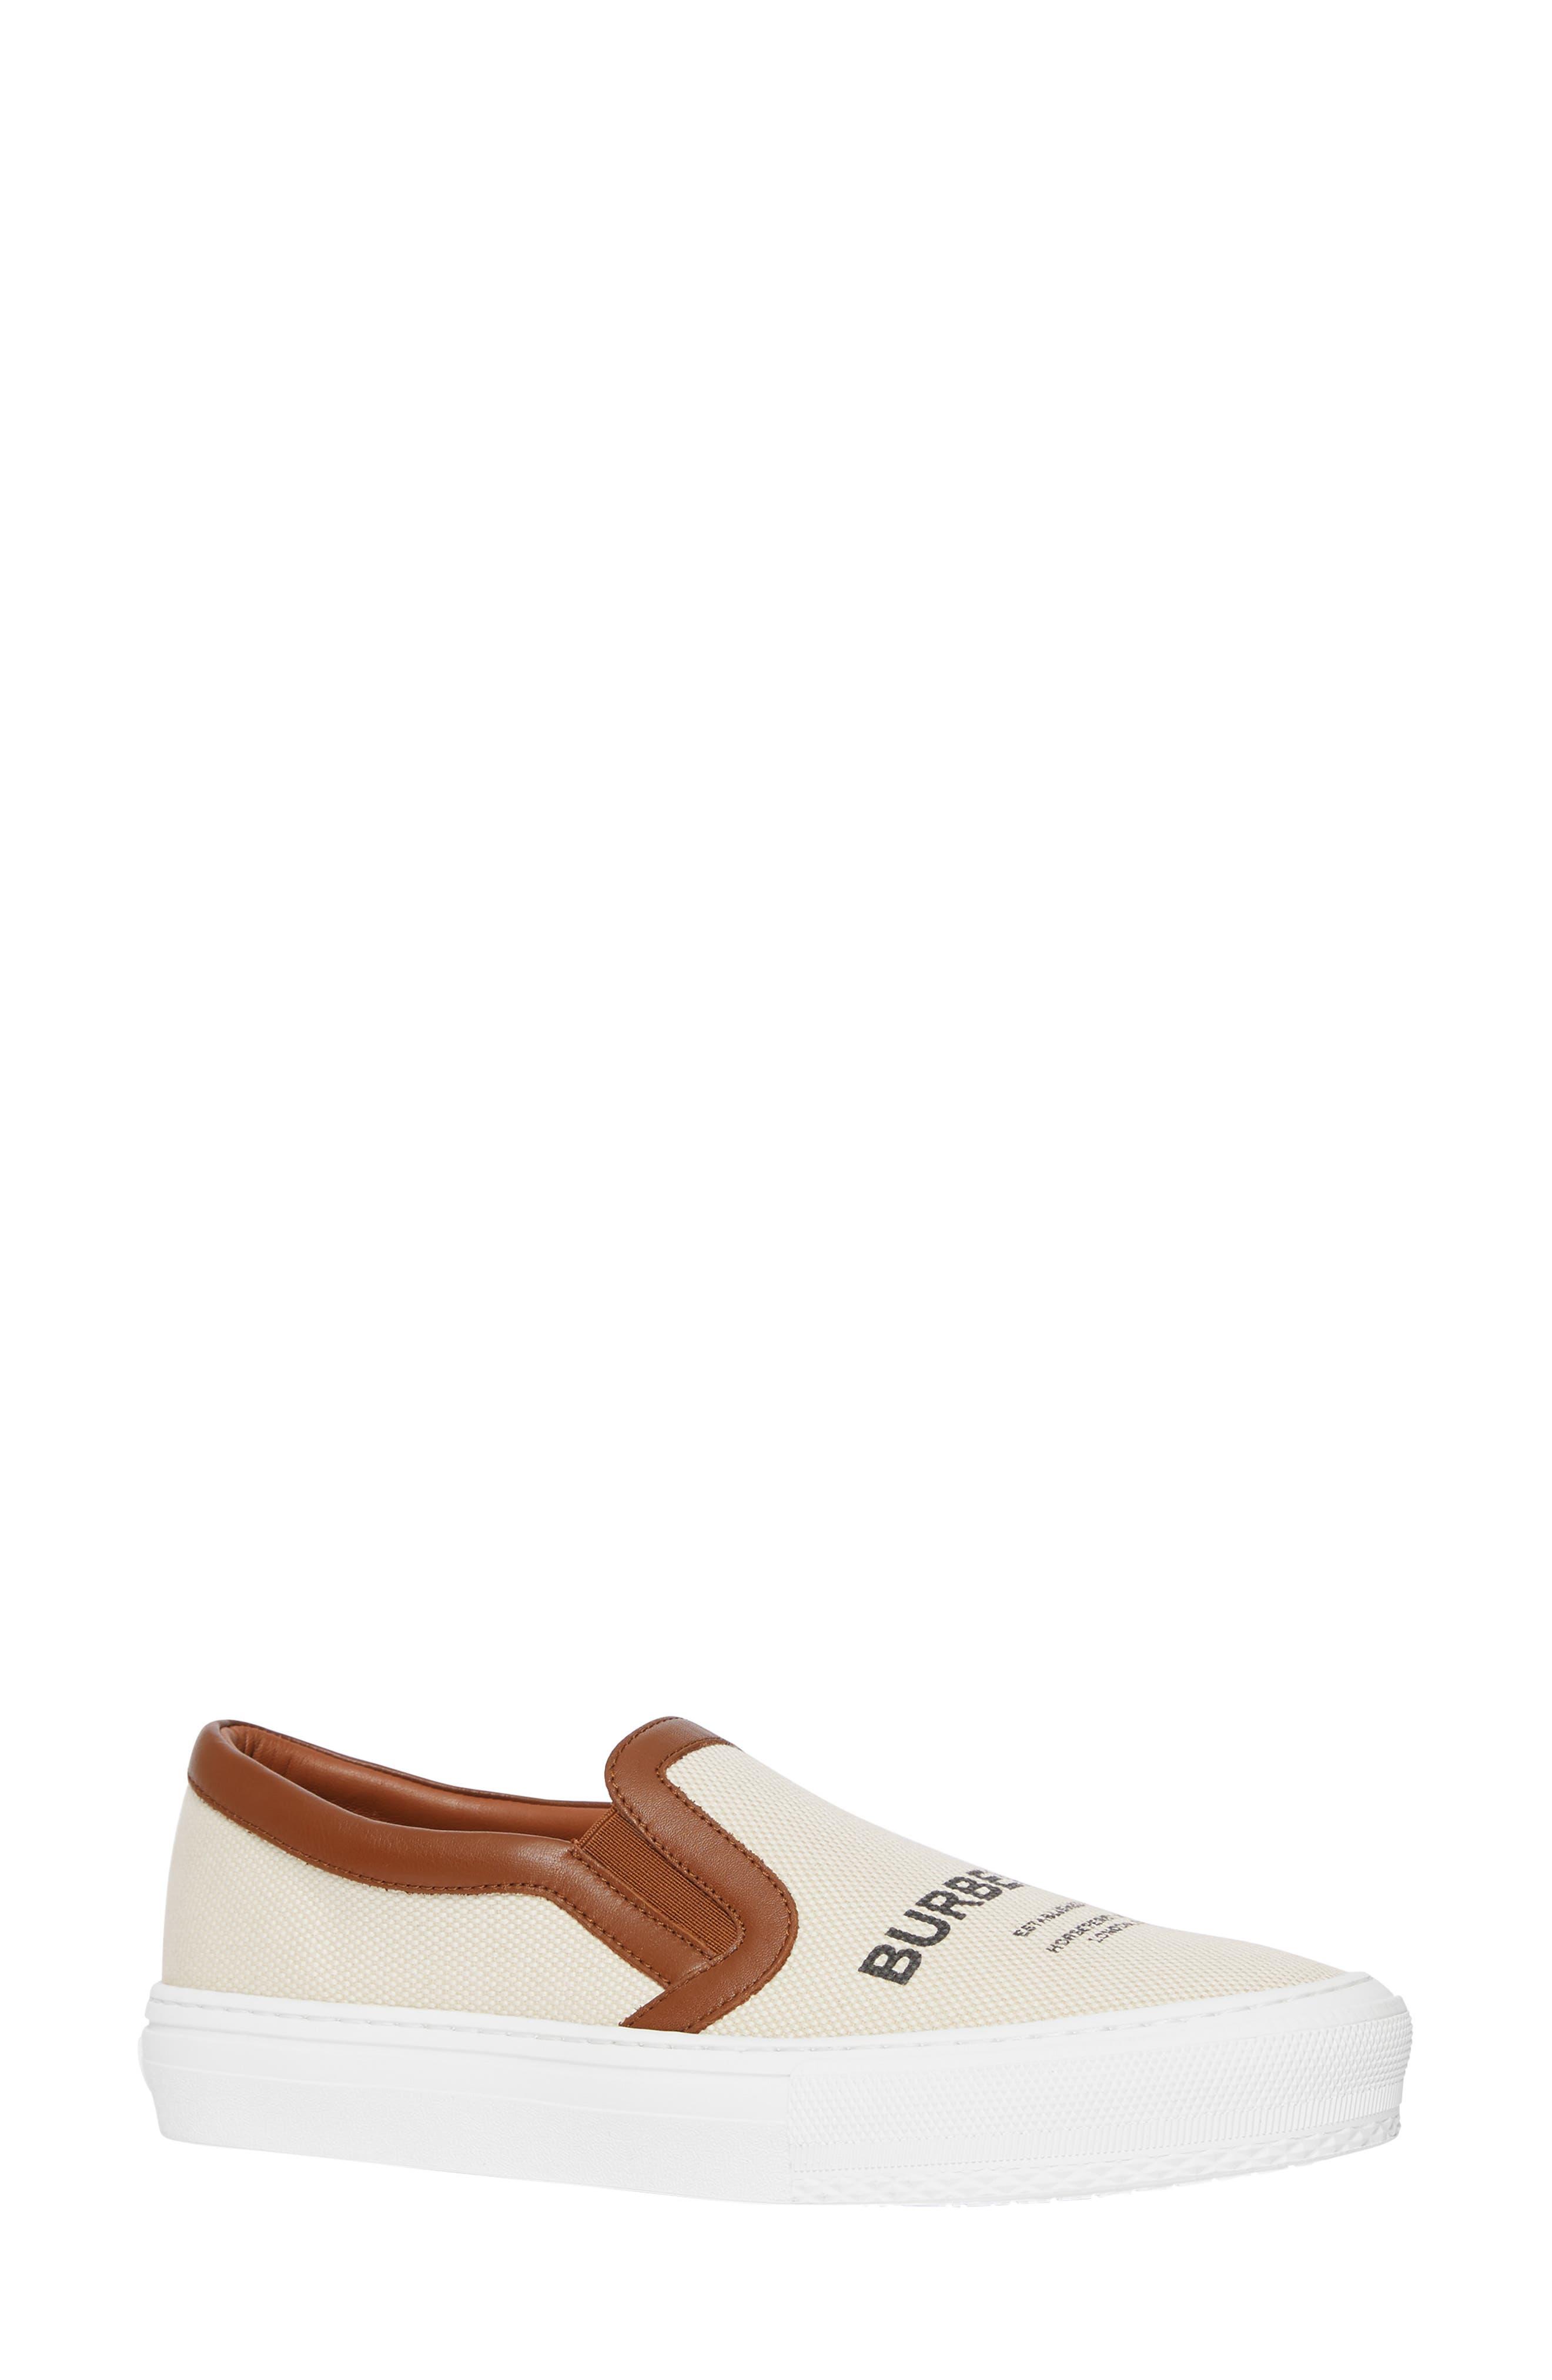 Burberry Delaware Slip-On Sneaker